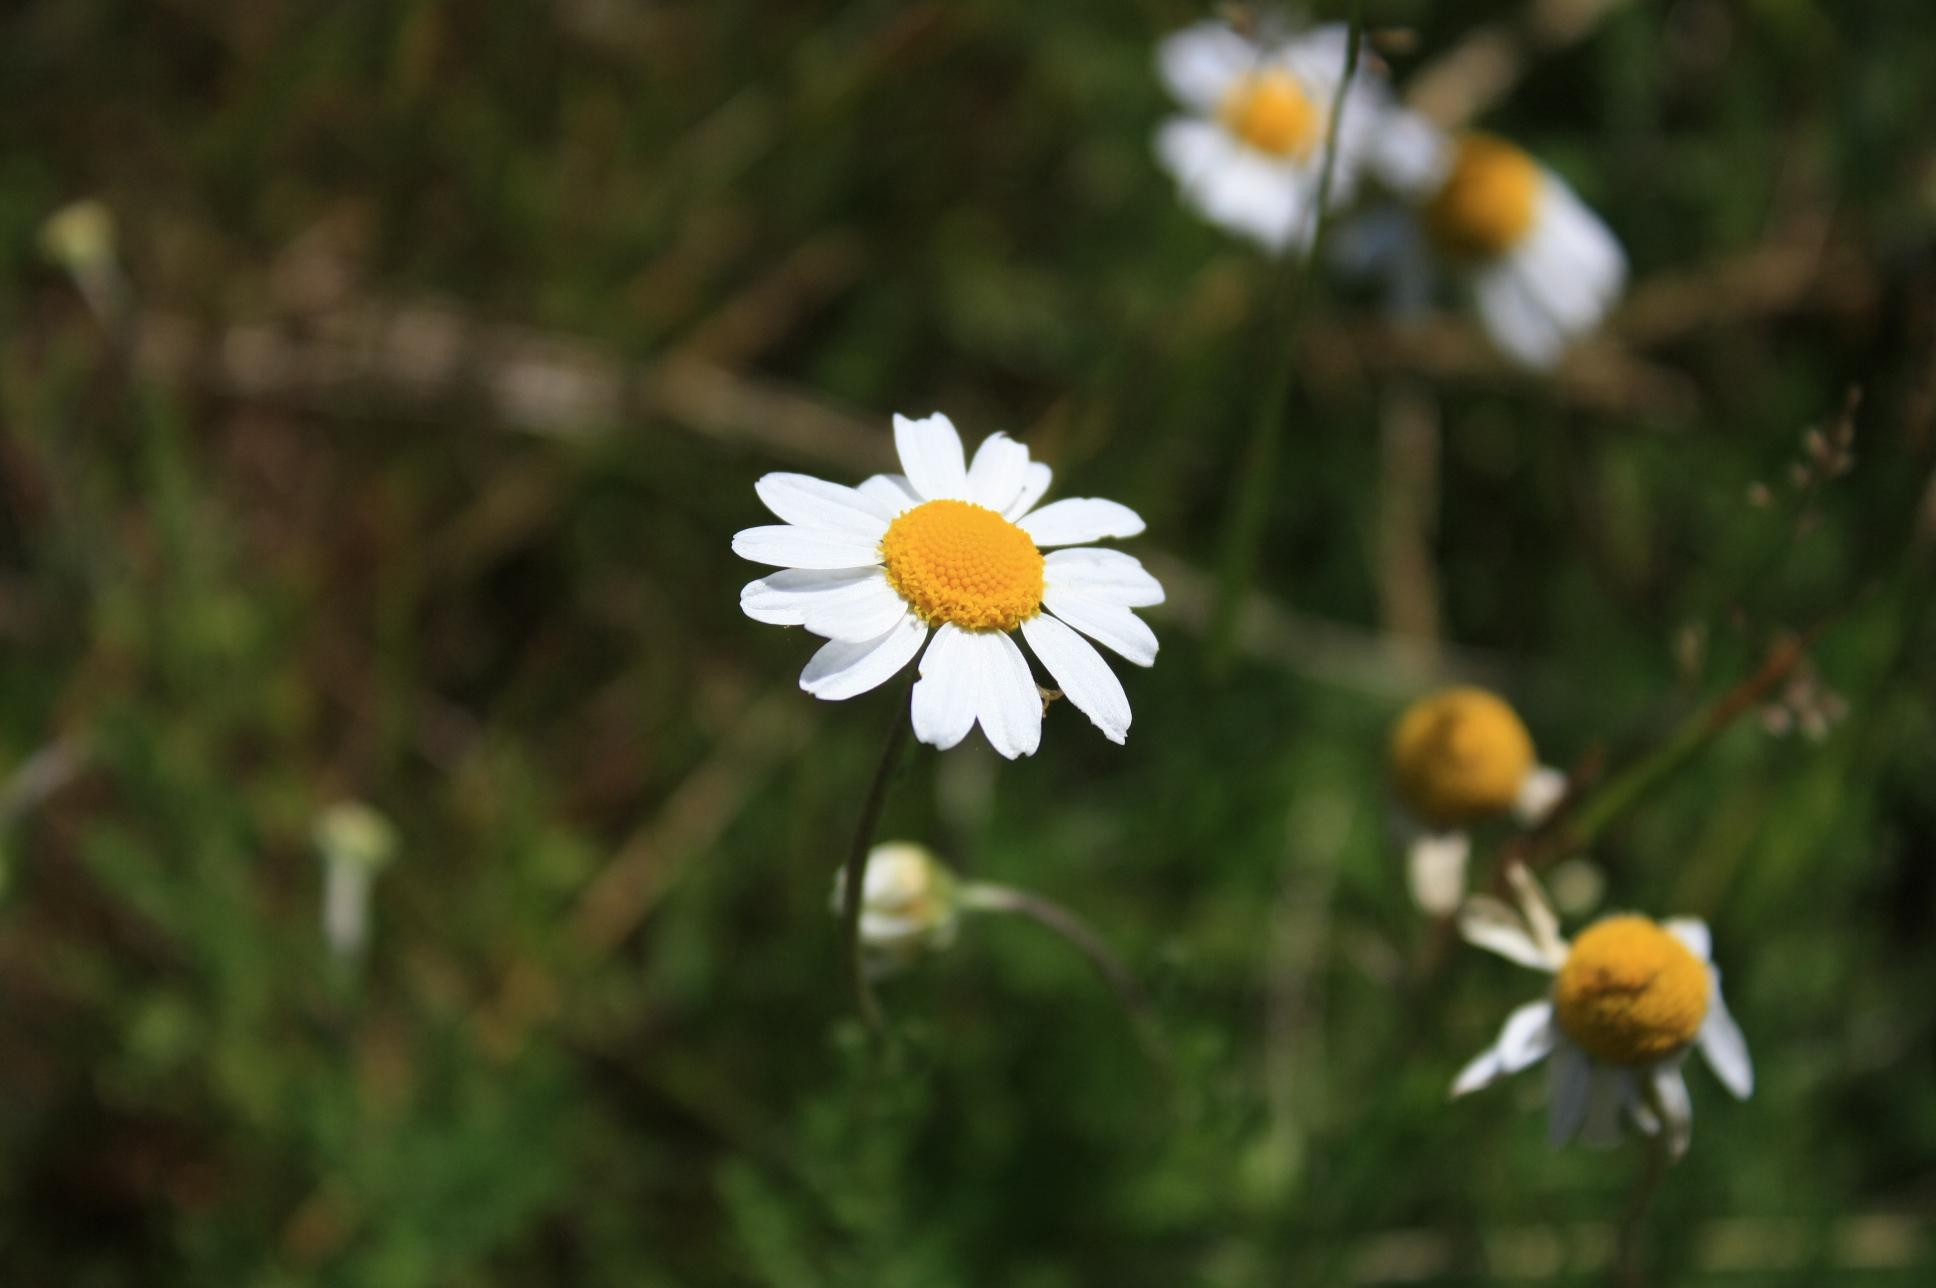 margarita gigante flores - photo #42